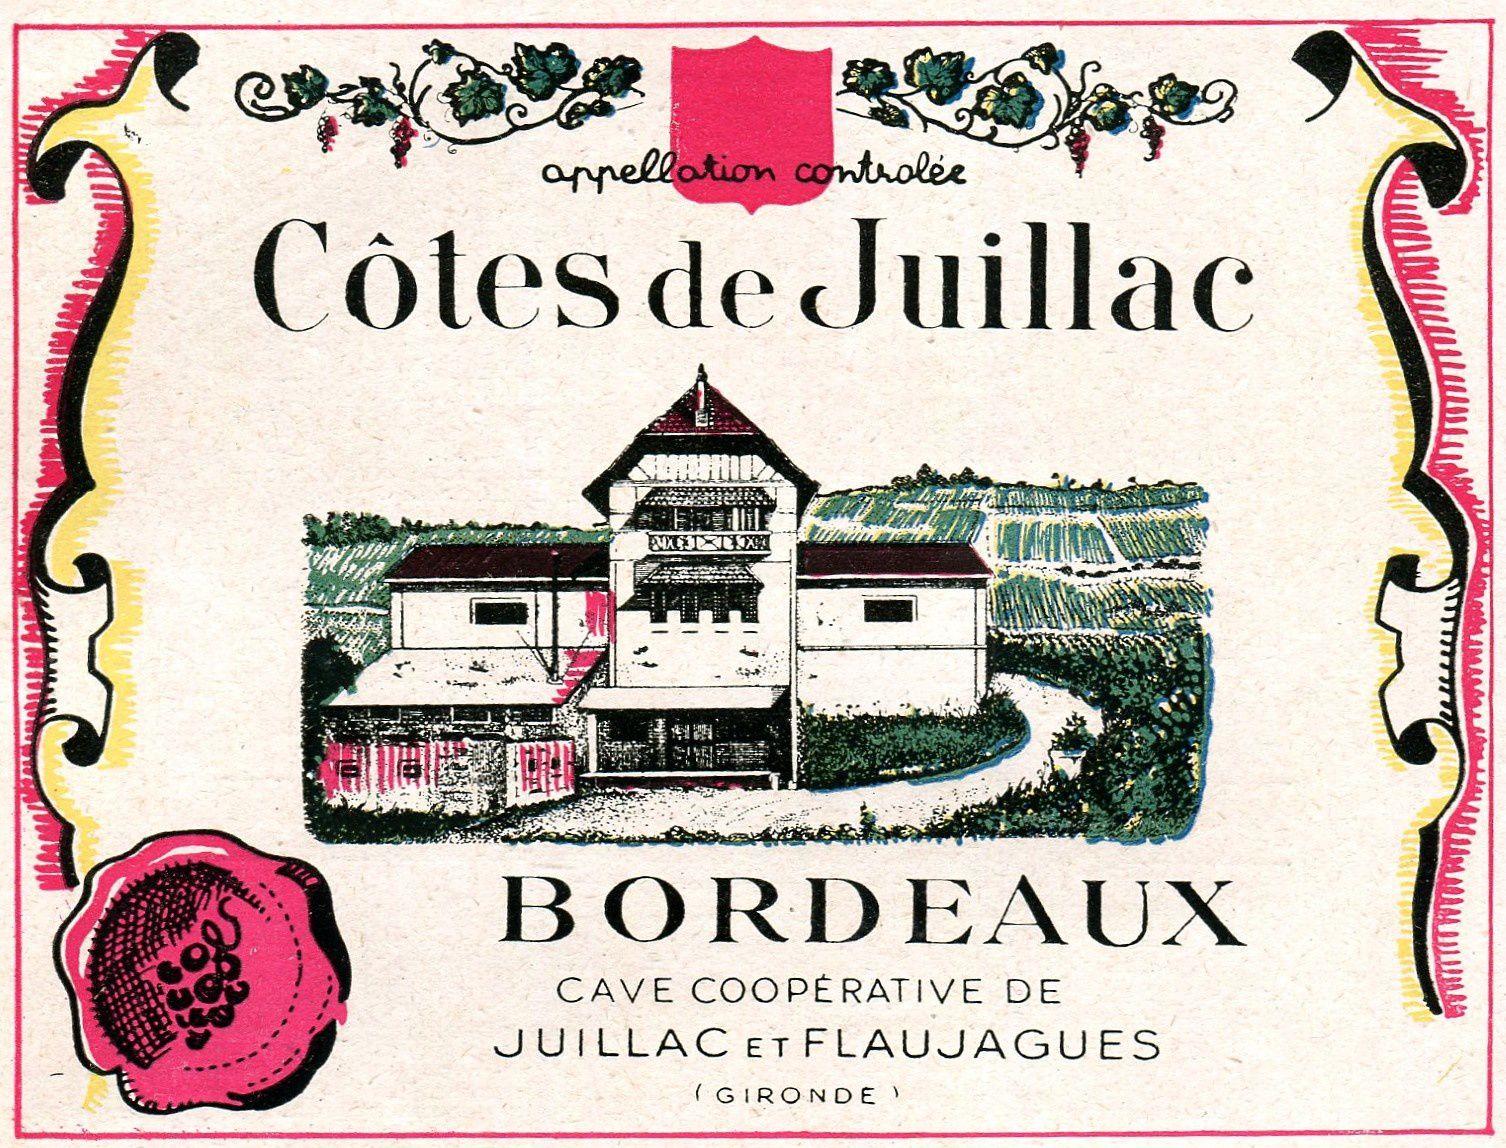 FLAUJAGUES (Gironde) : La cave coopérative vinicole de Juillac et Flaujagues.